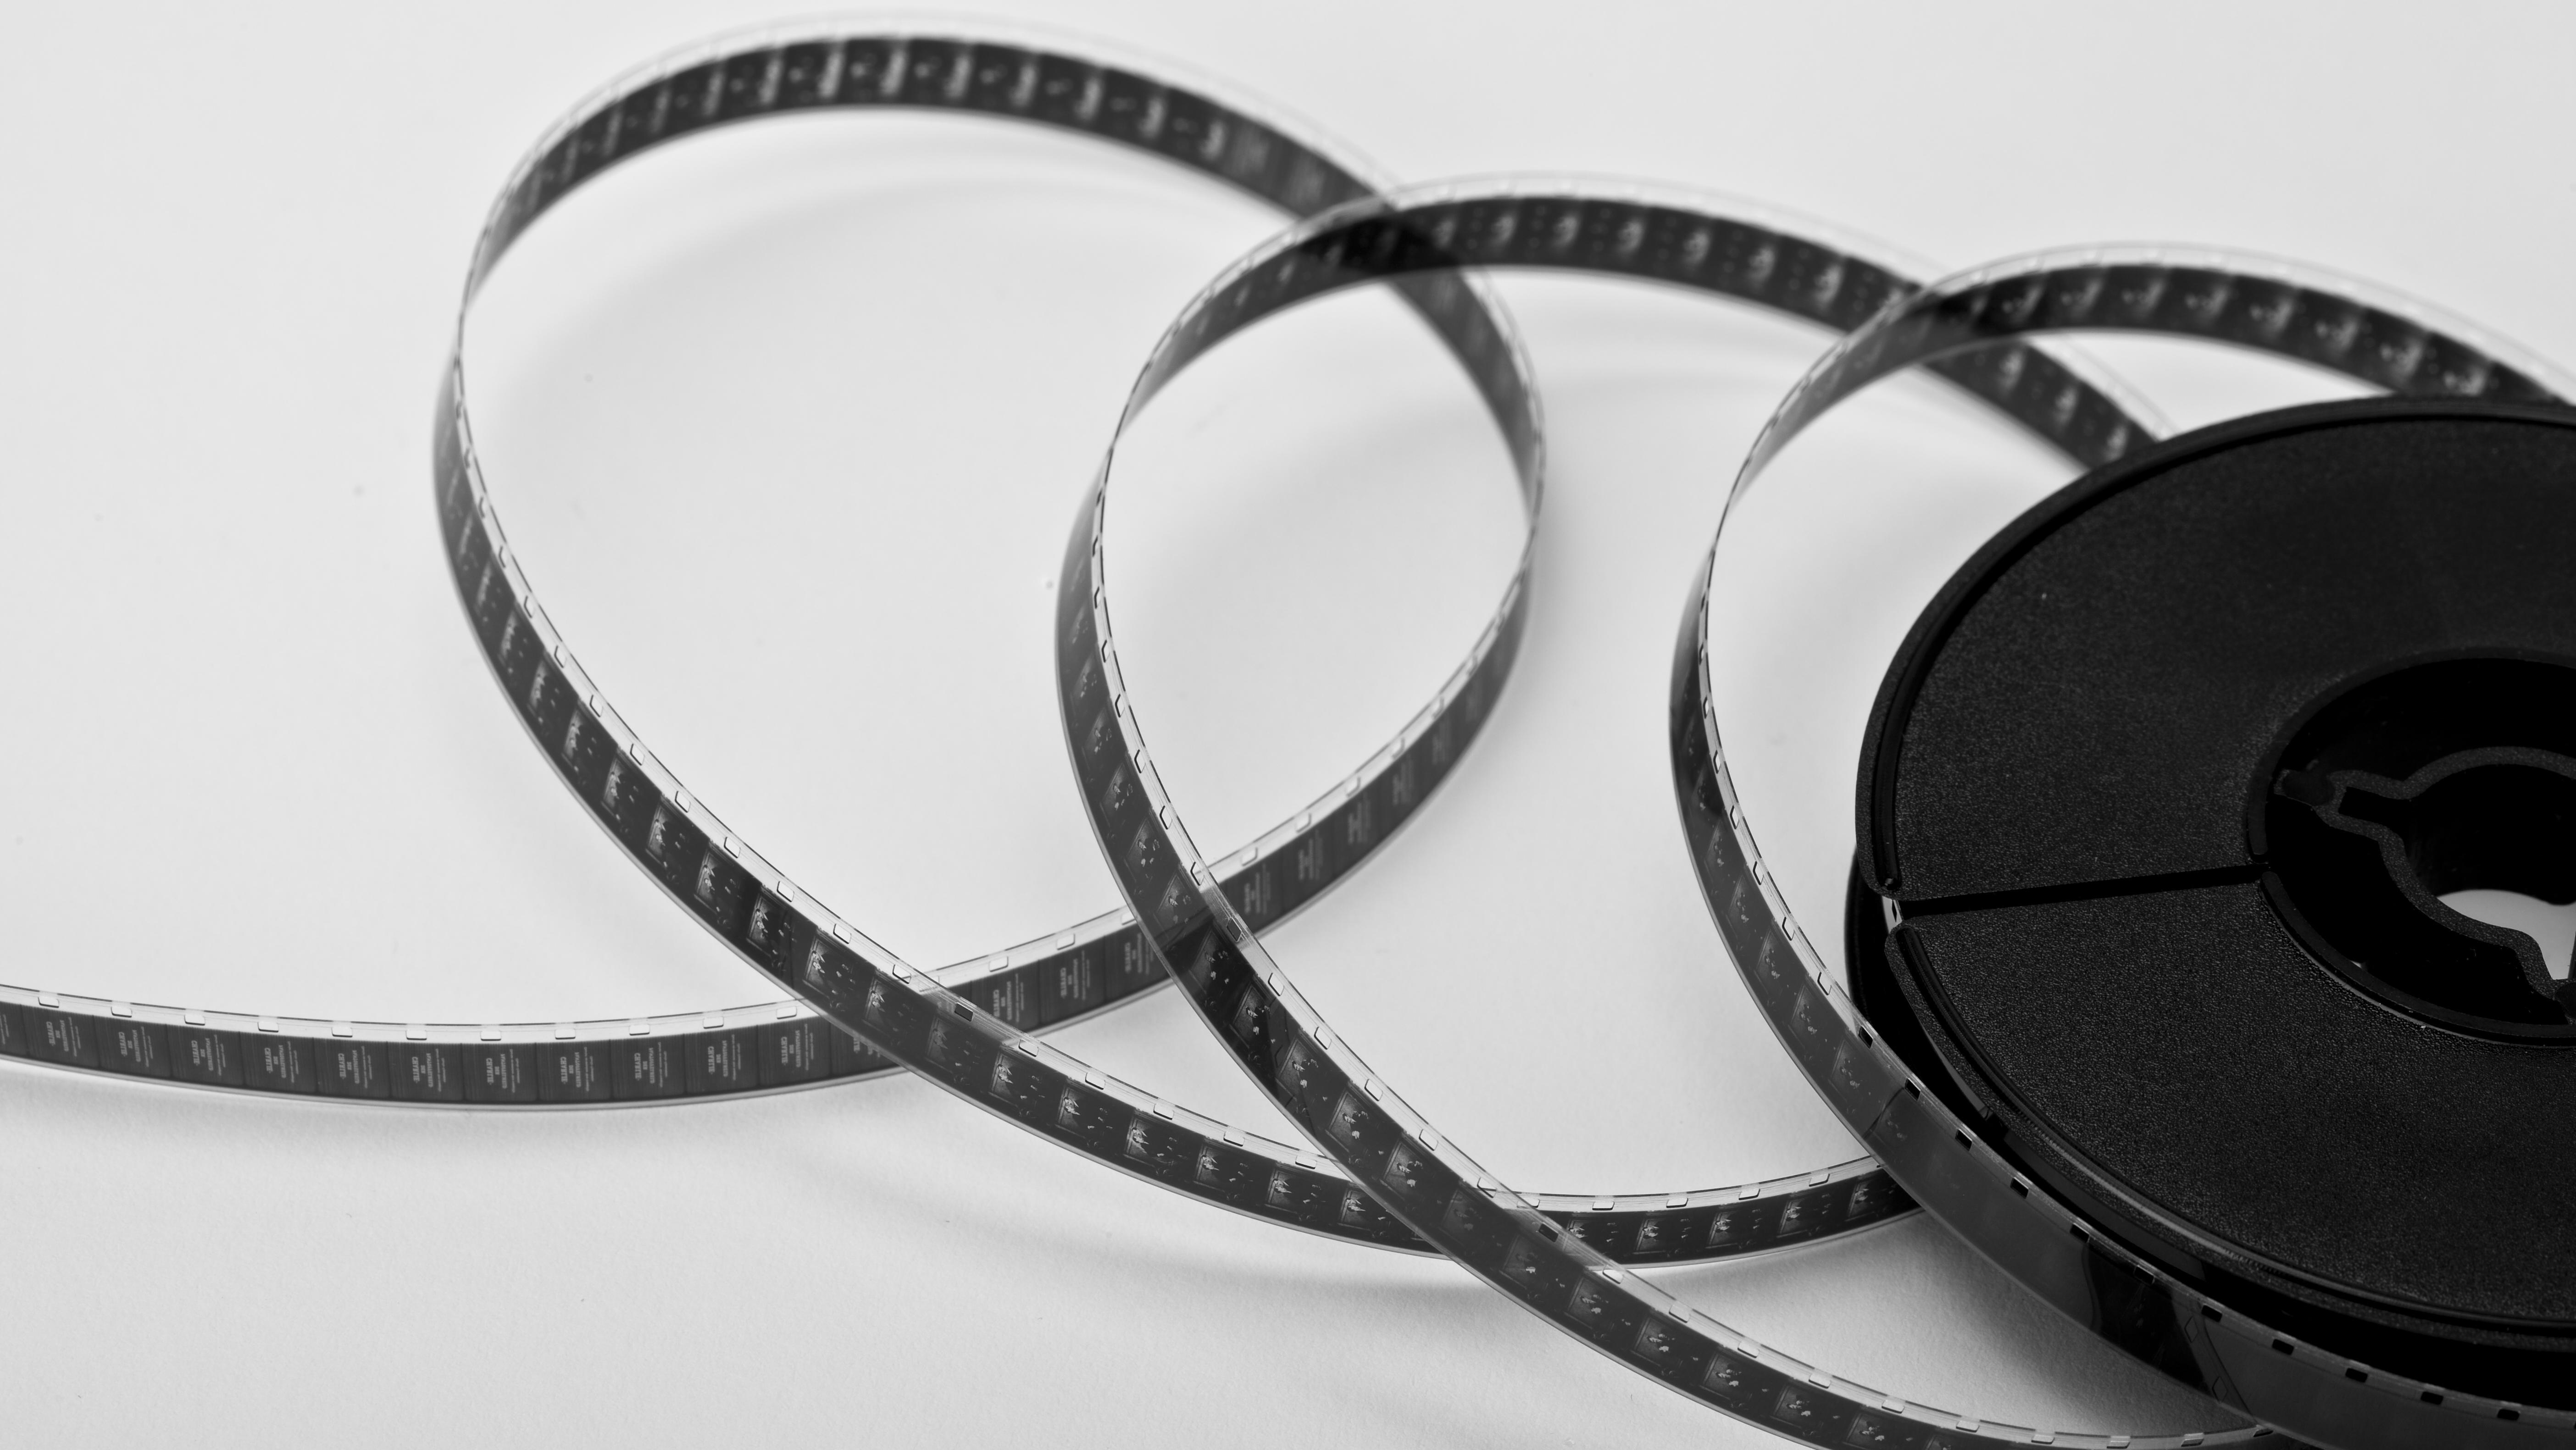 Filmrulle film